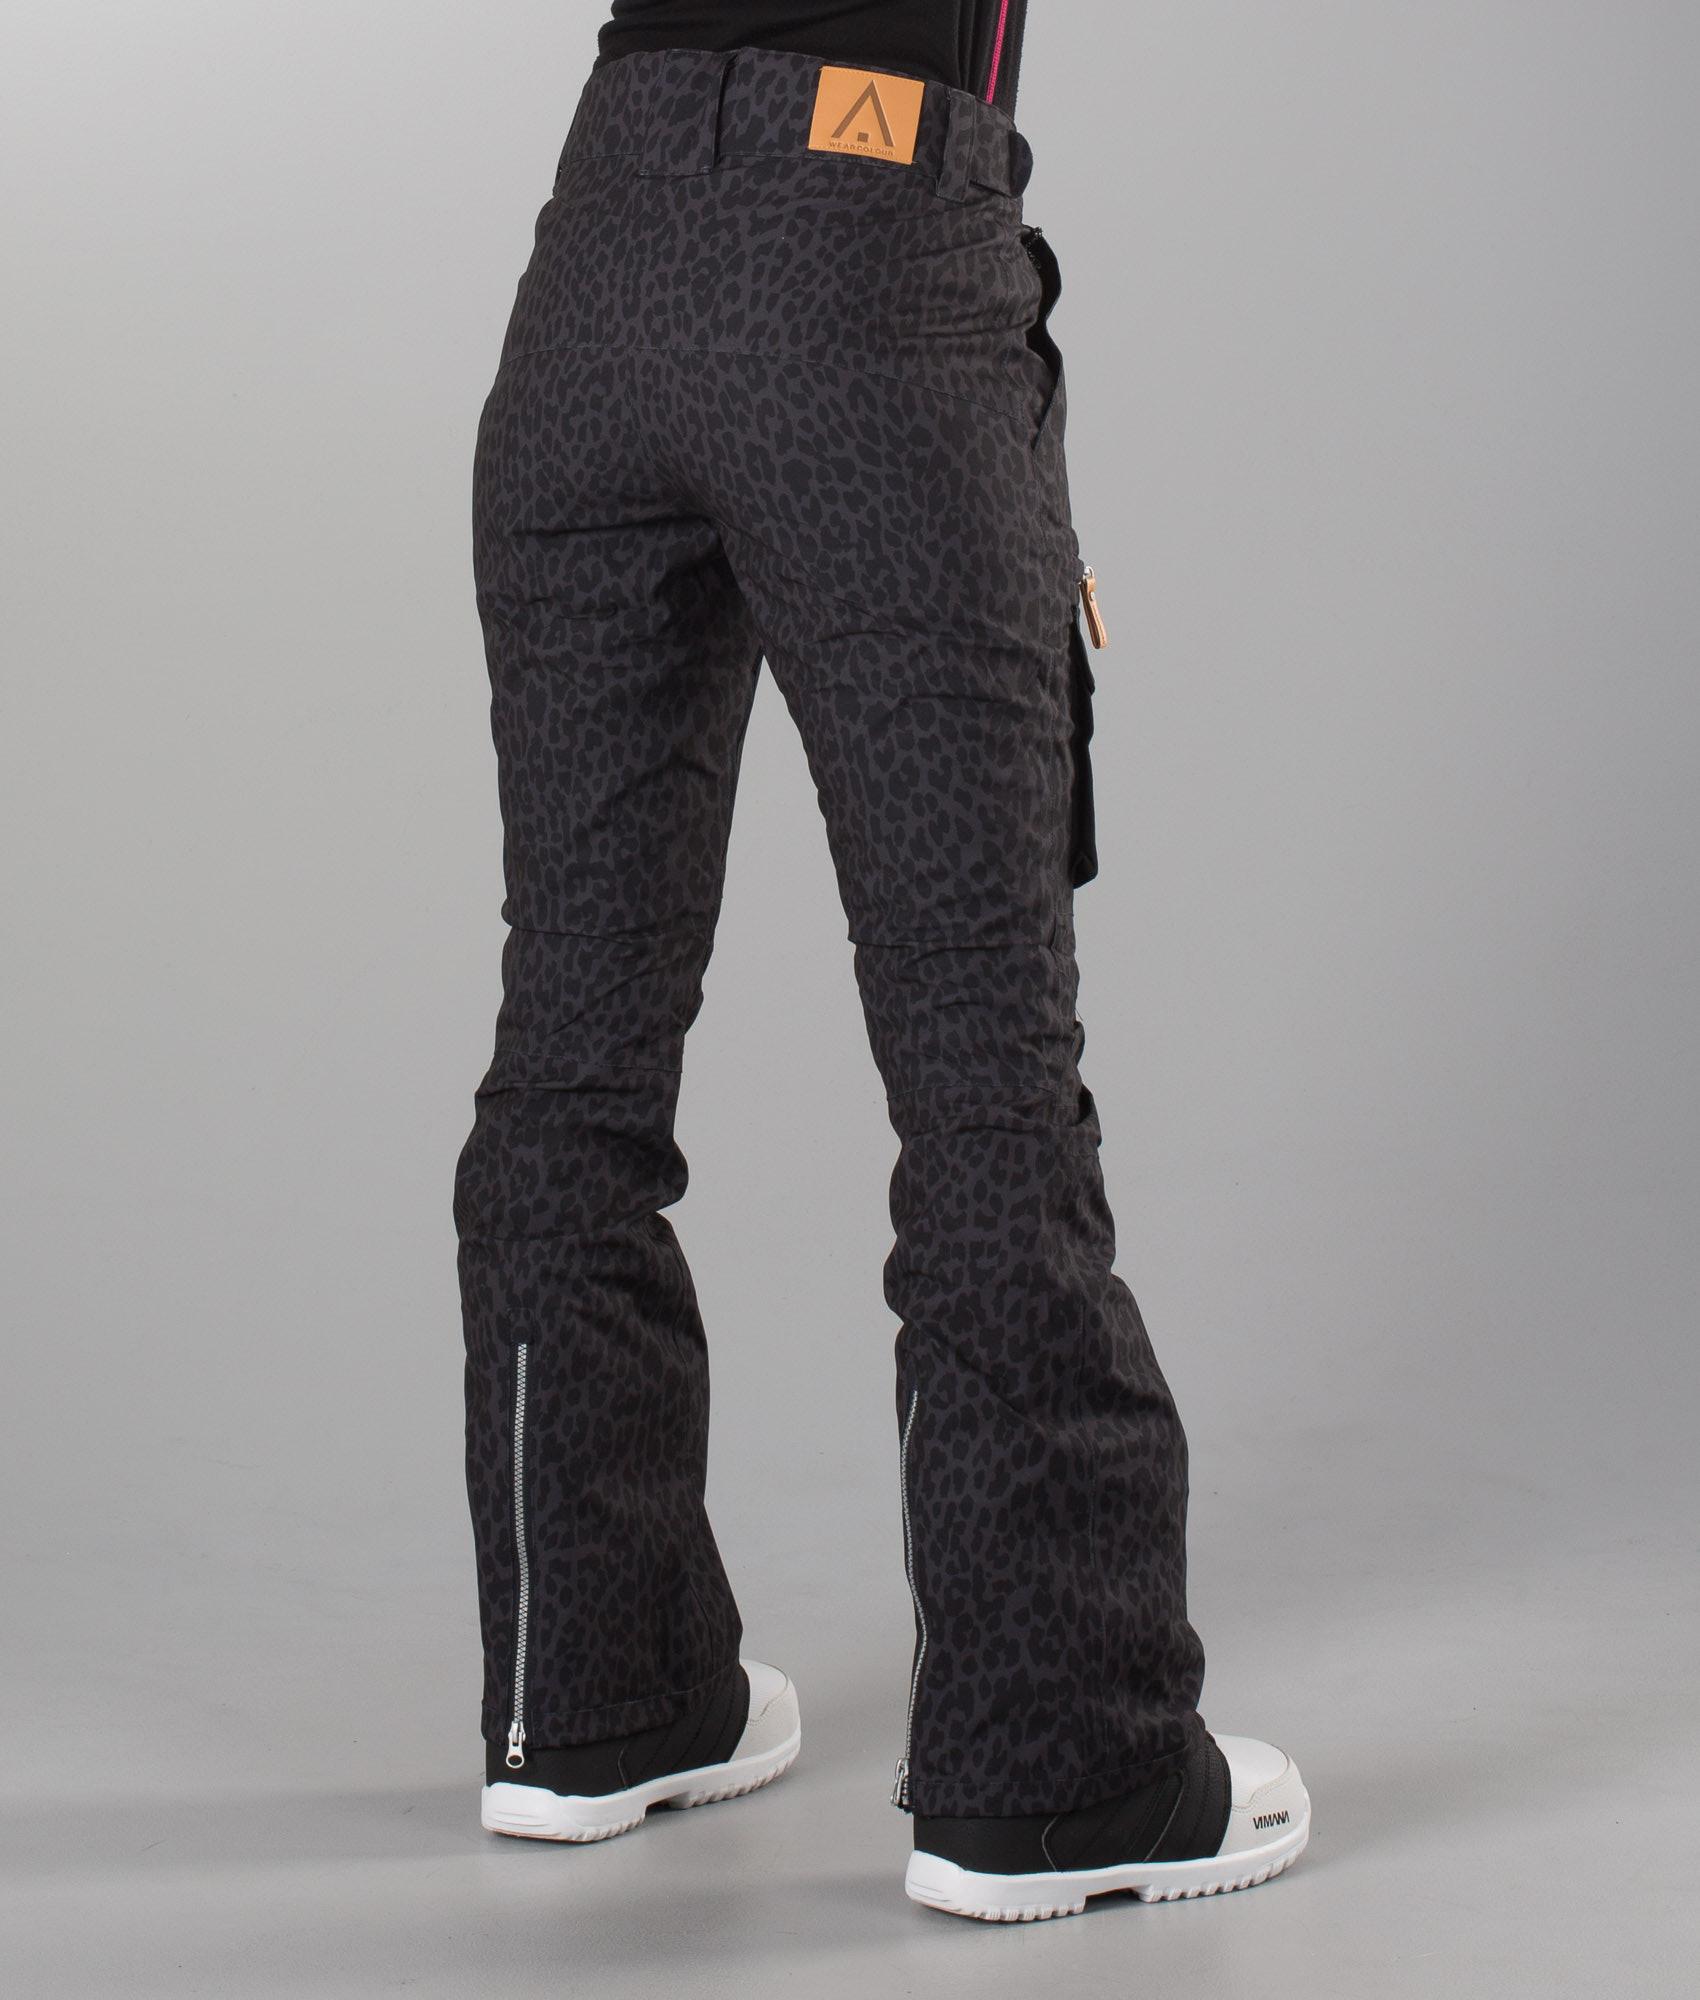 WearColour Slant Snow Pants Black Leo - Ridestore.com 9a7d8eab1